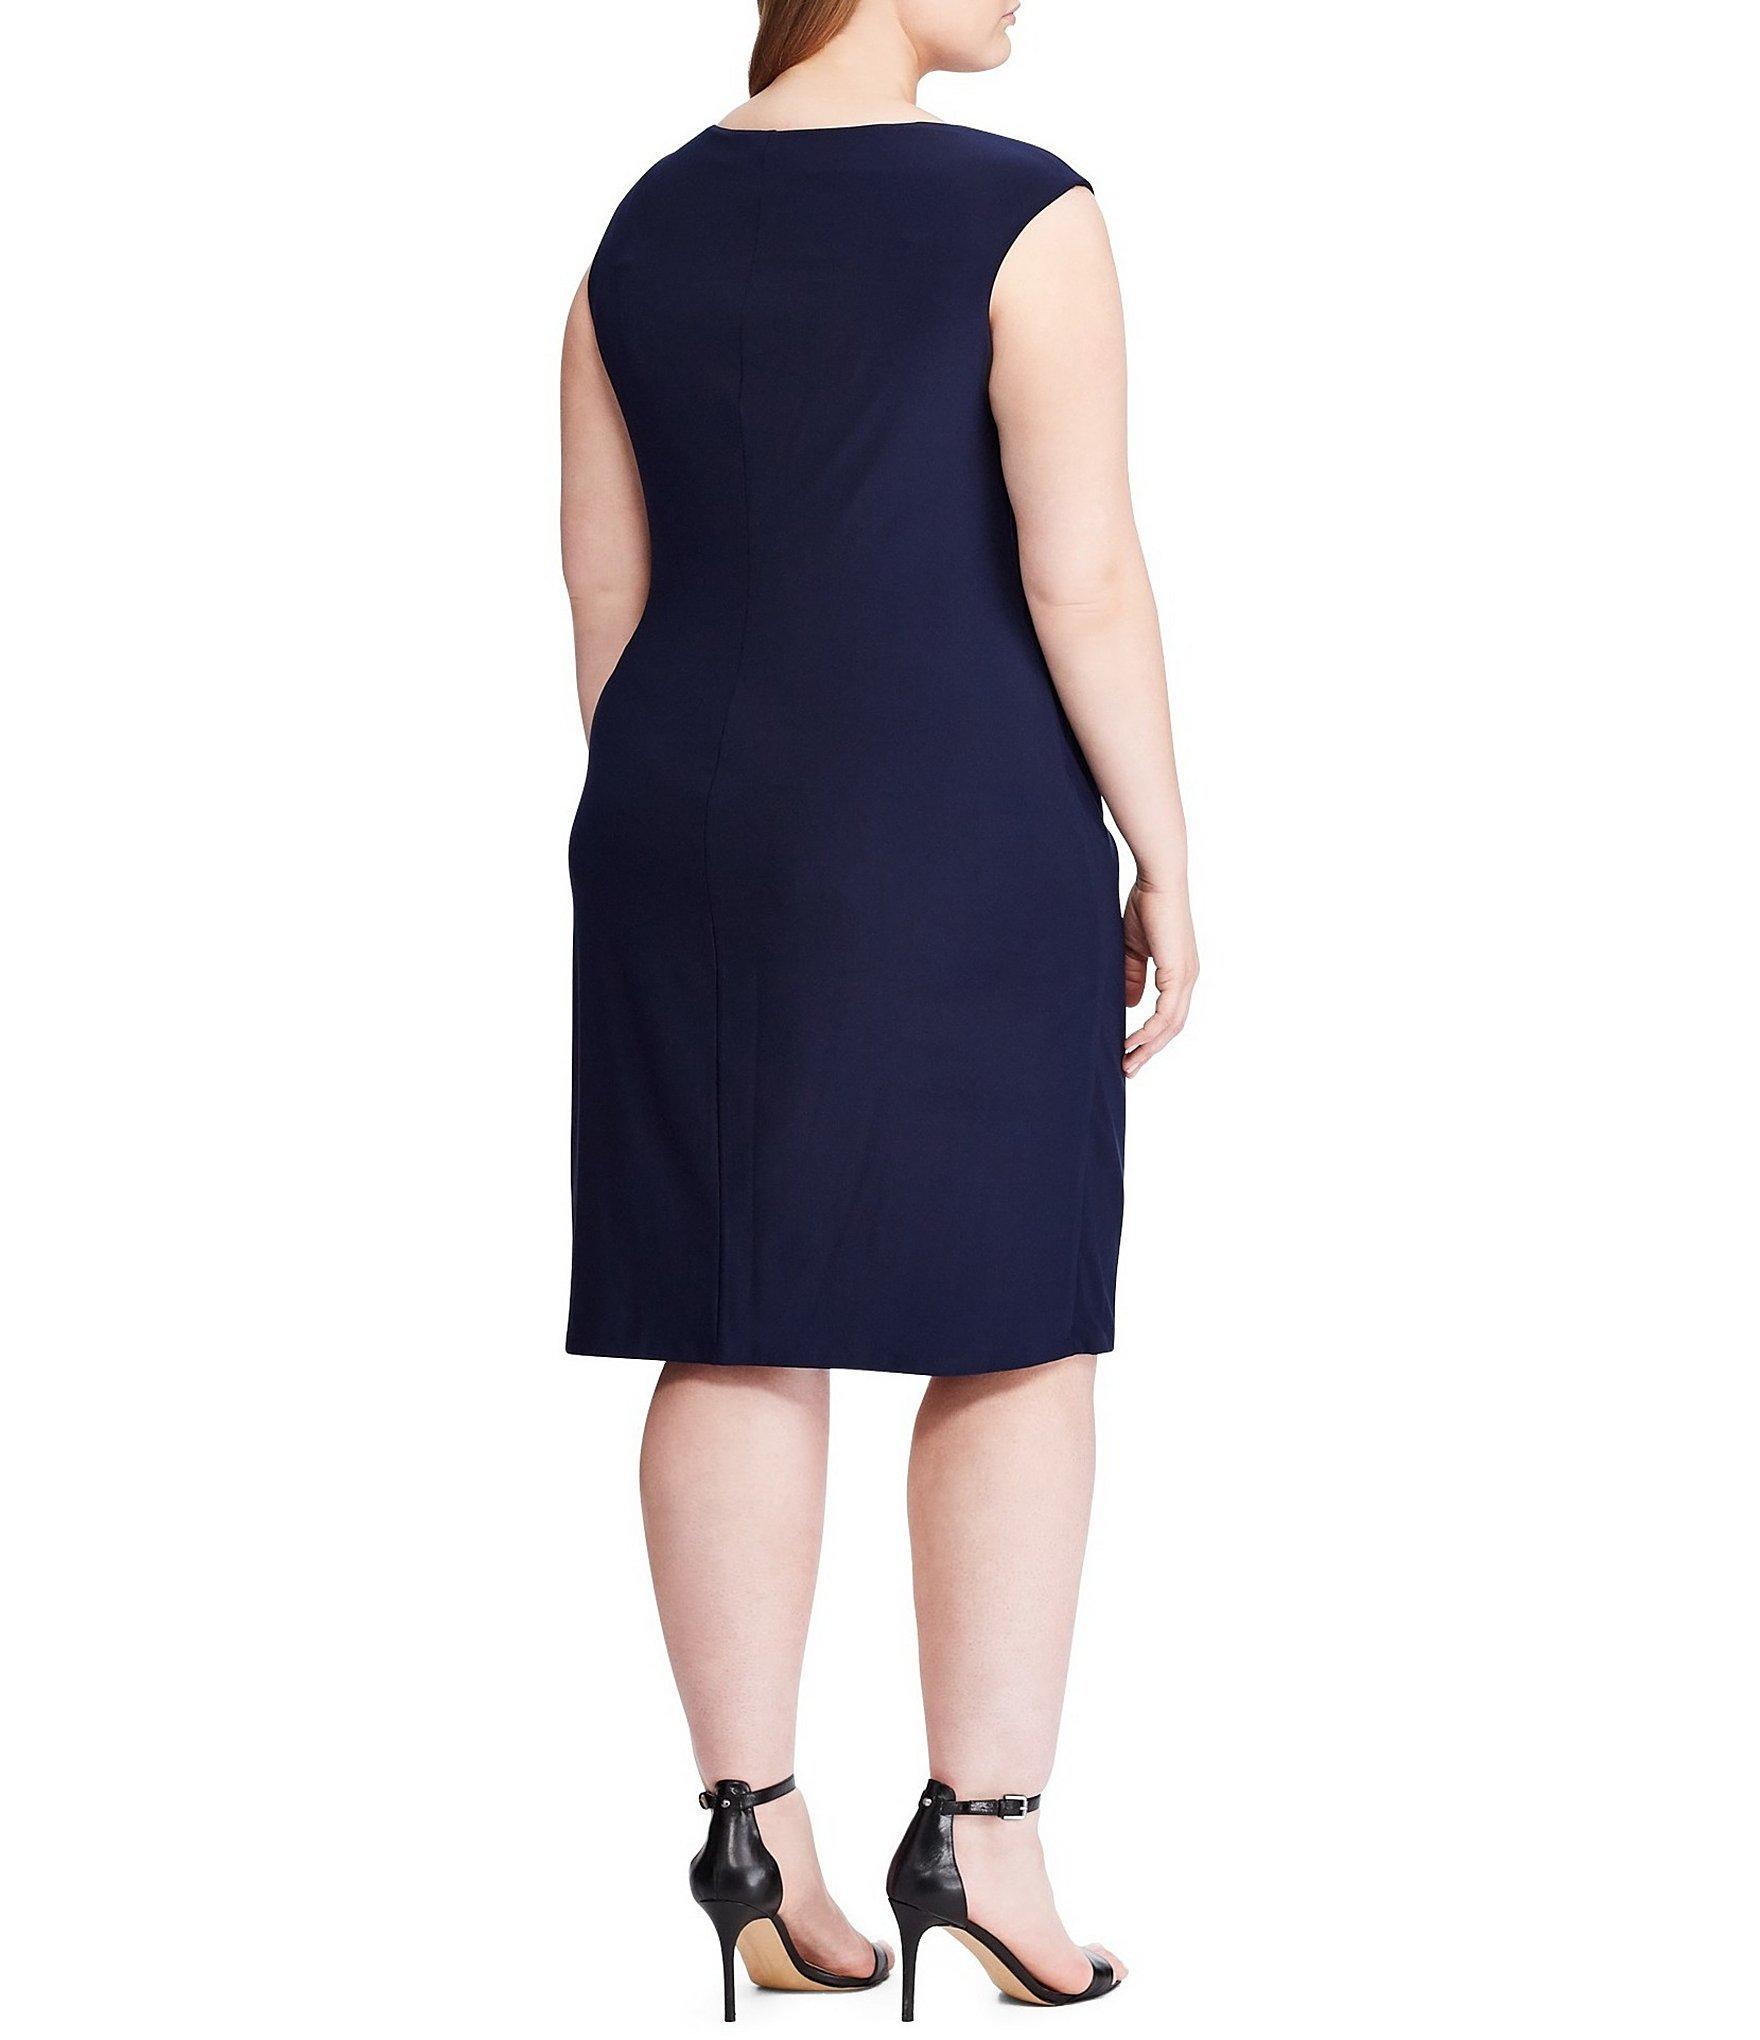 8d1927dc383 Lauren by Ralph Lauren - Blue Plus Size Elkana Matte Jersey Cap Sleeve  Sheath Dress -. View fullscreen